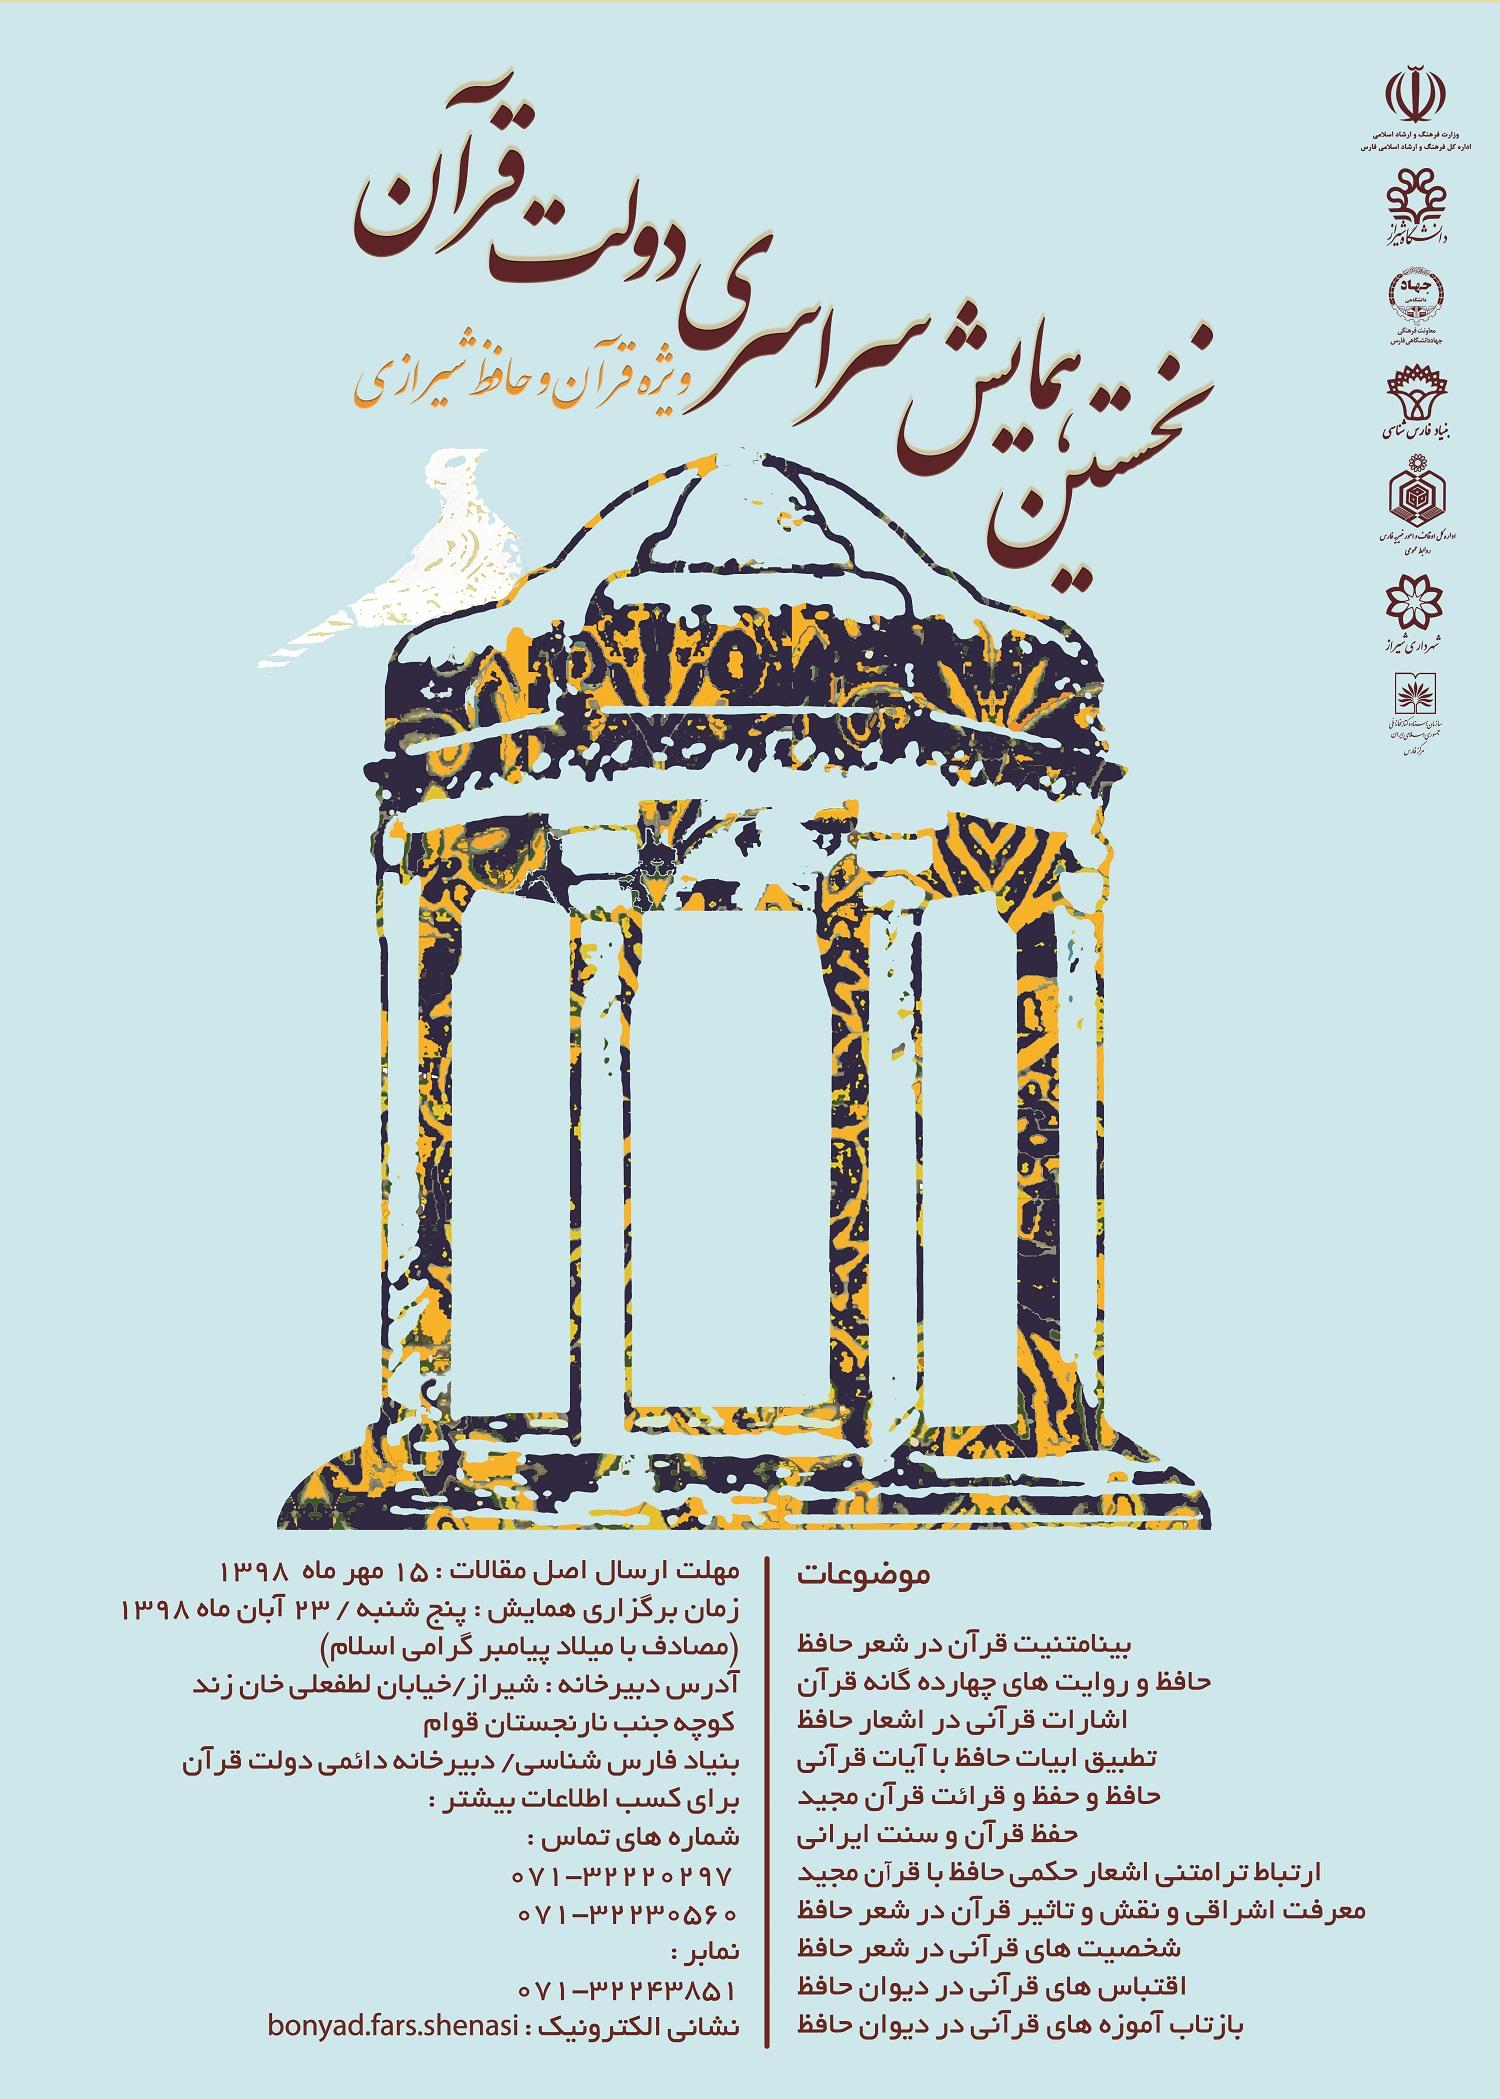 نخستین همایش سراسری دولت قرآن